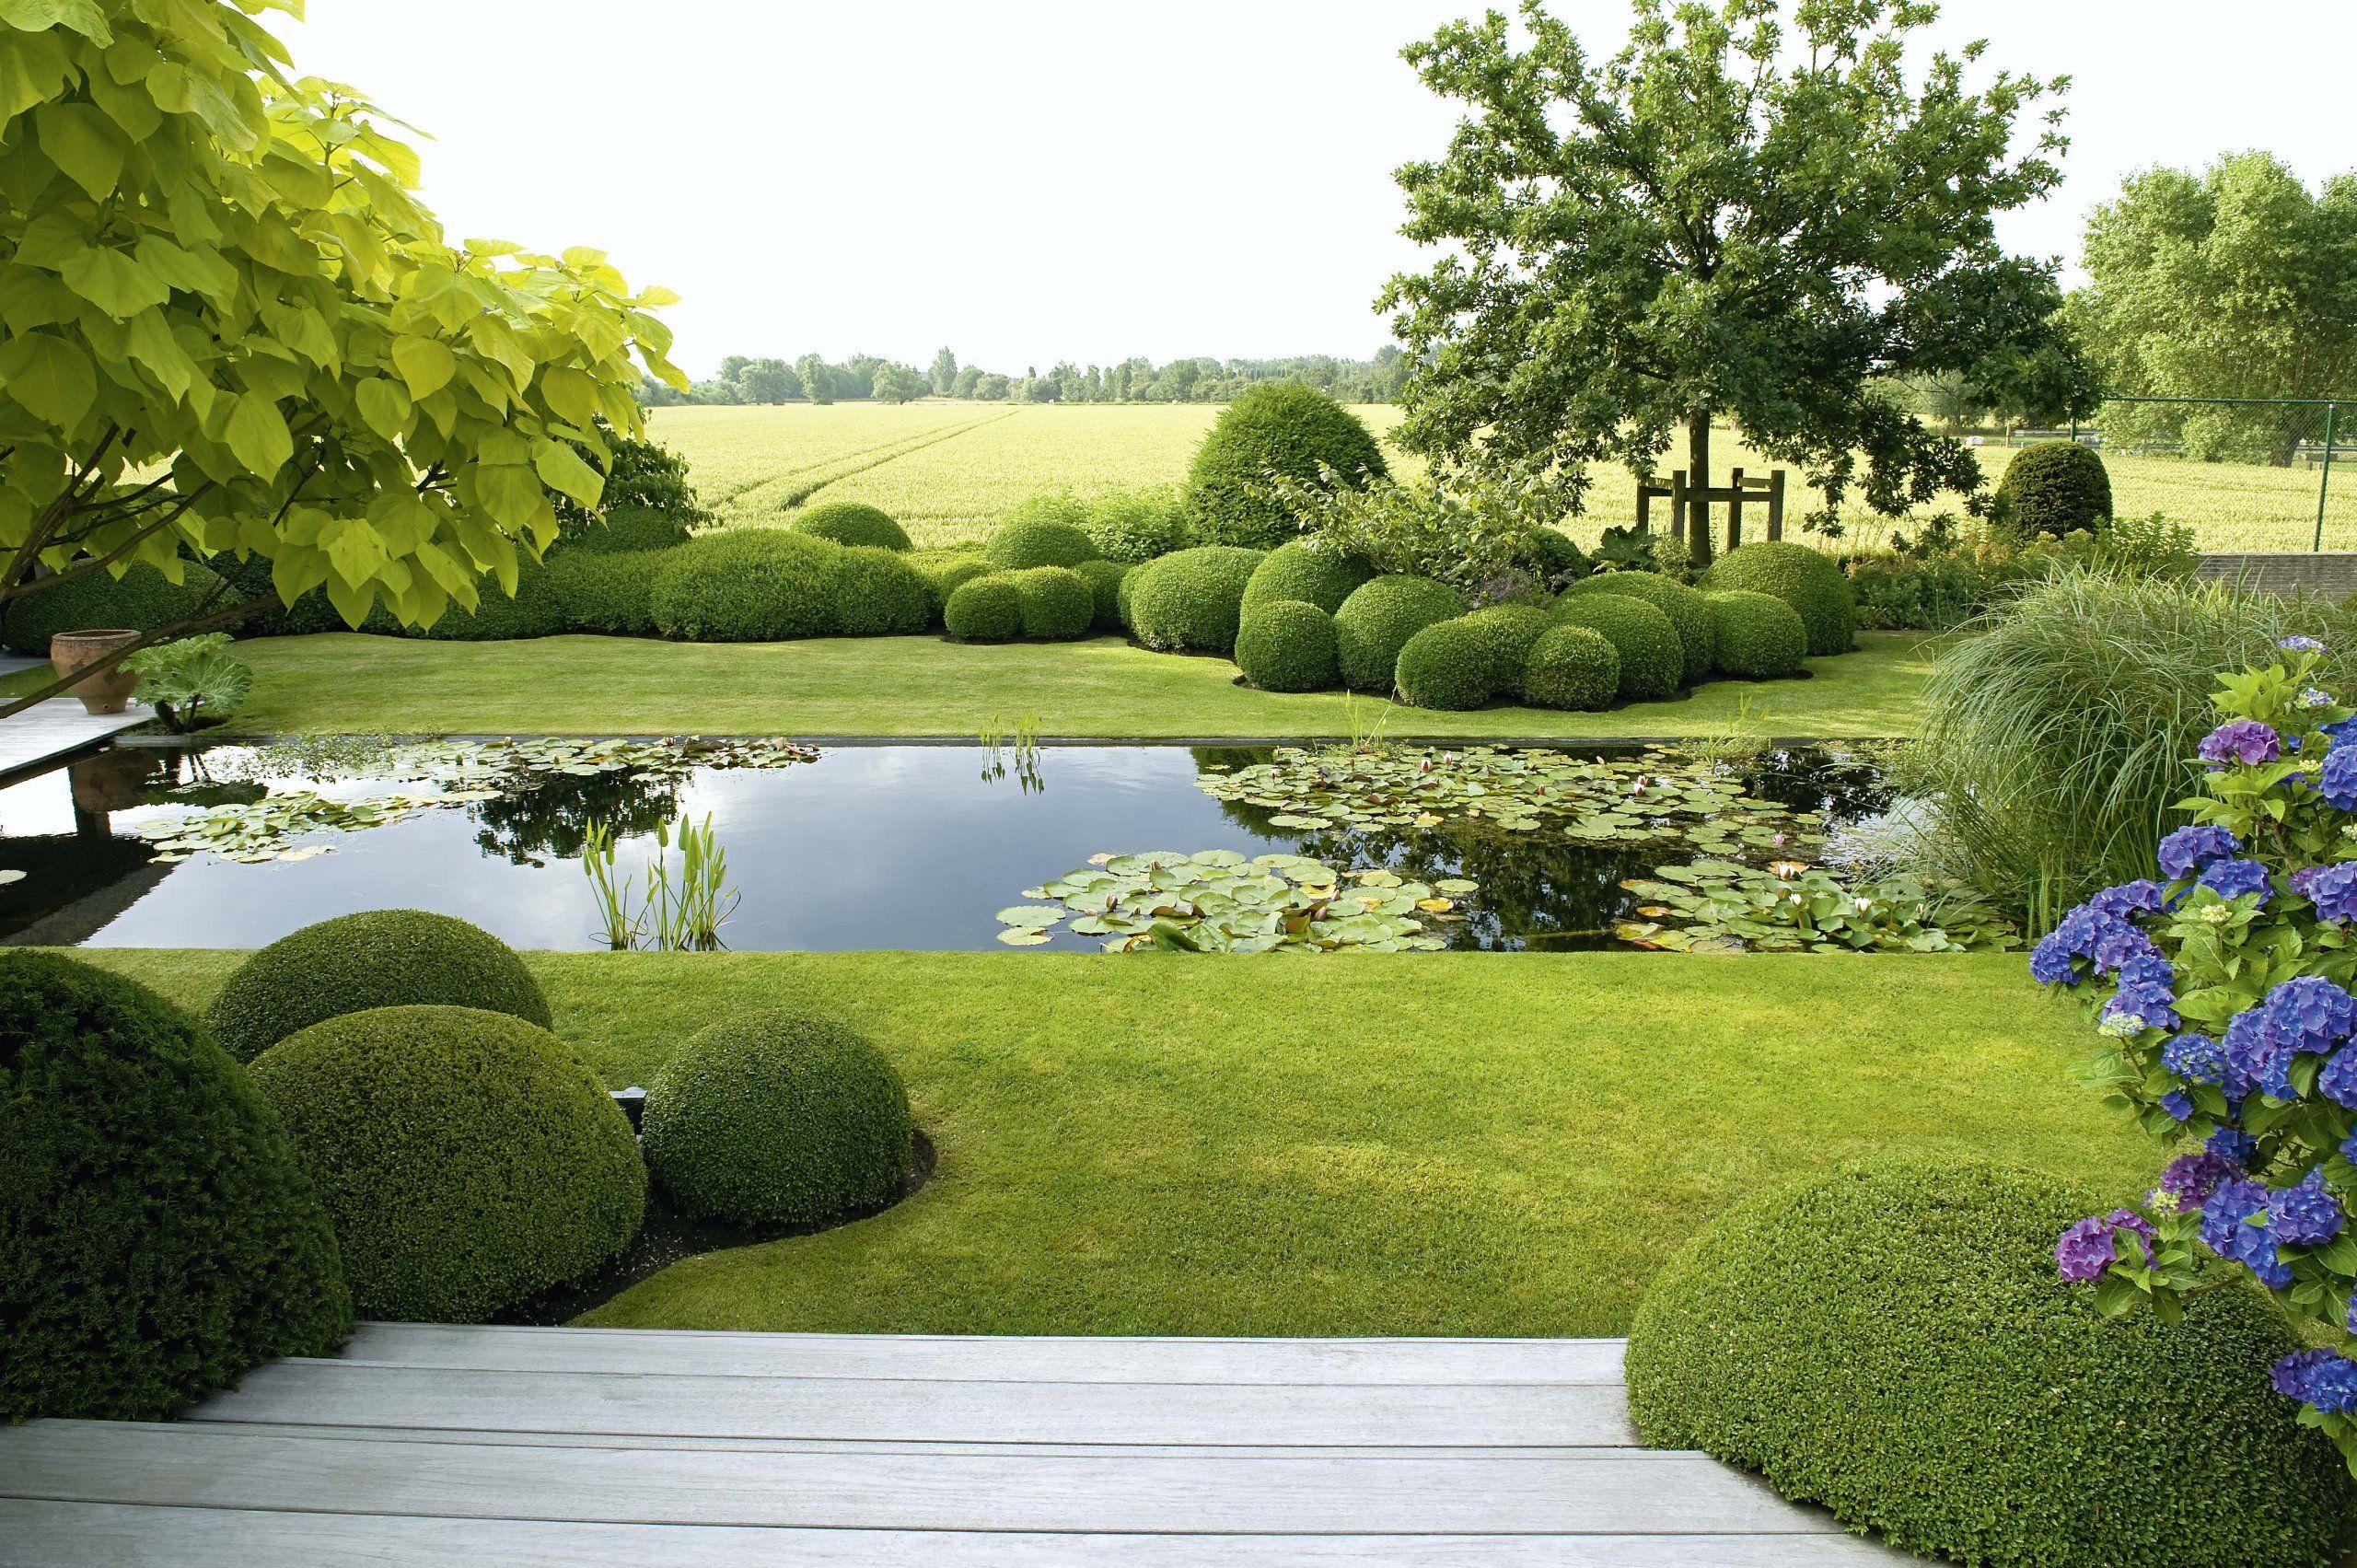 Exklusives Gartendesign - Spektakuläre Privatgärten Garten- und ...